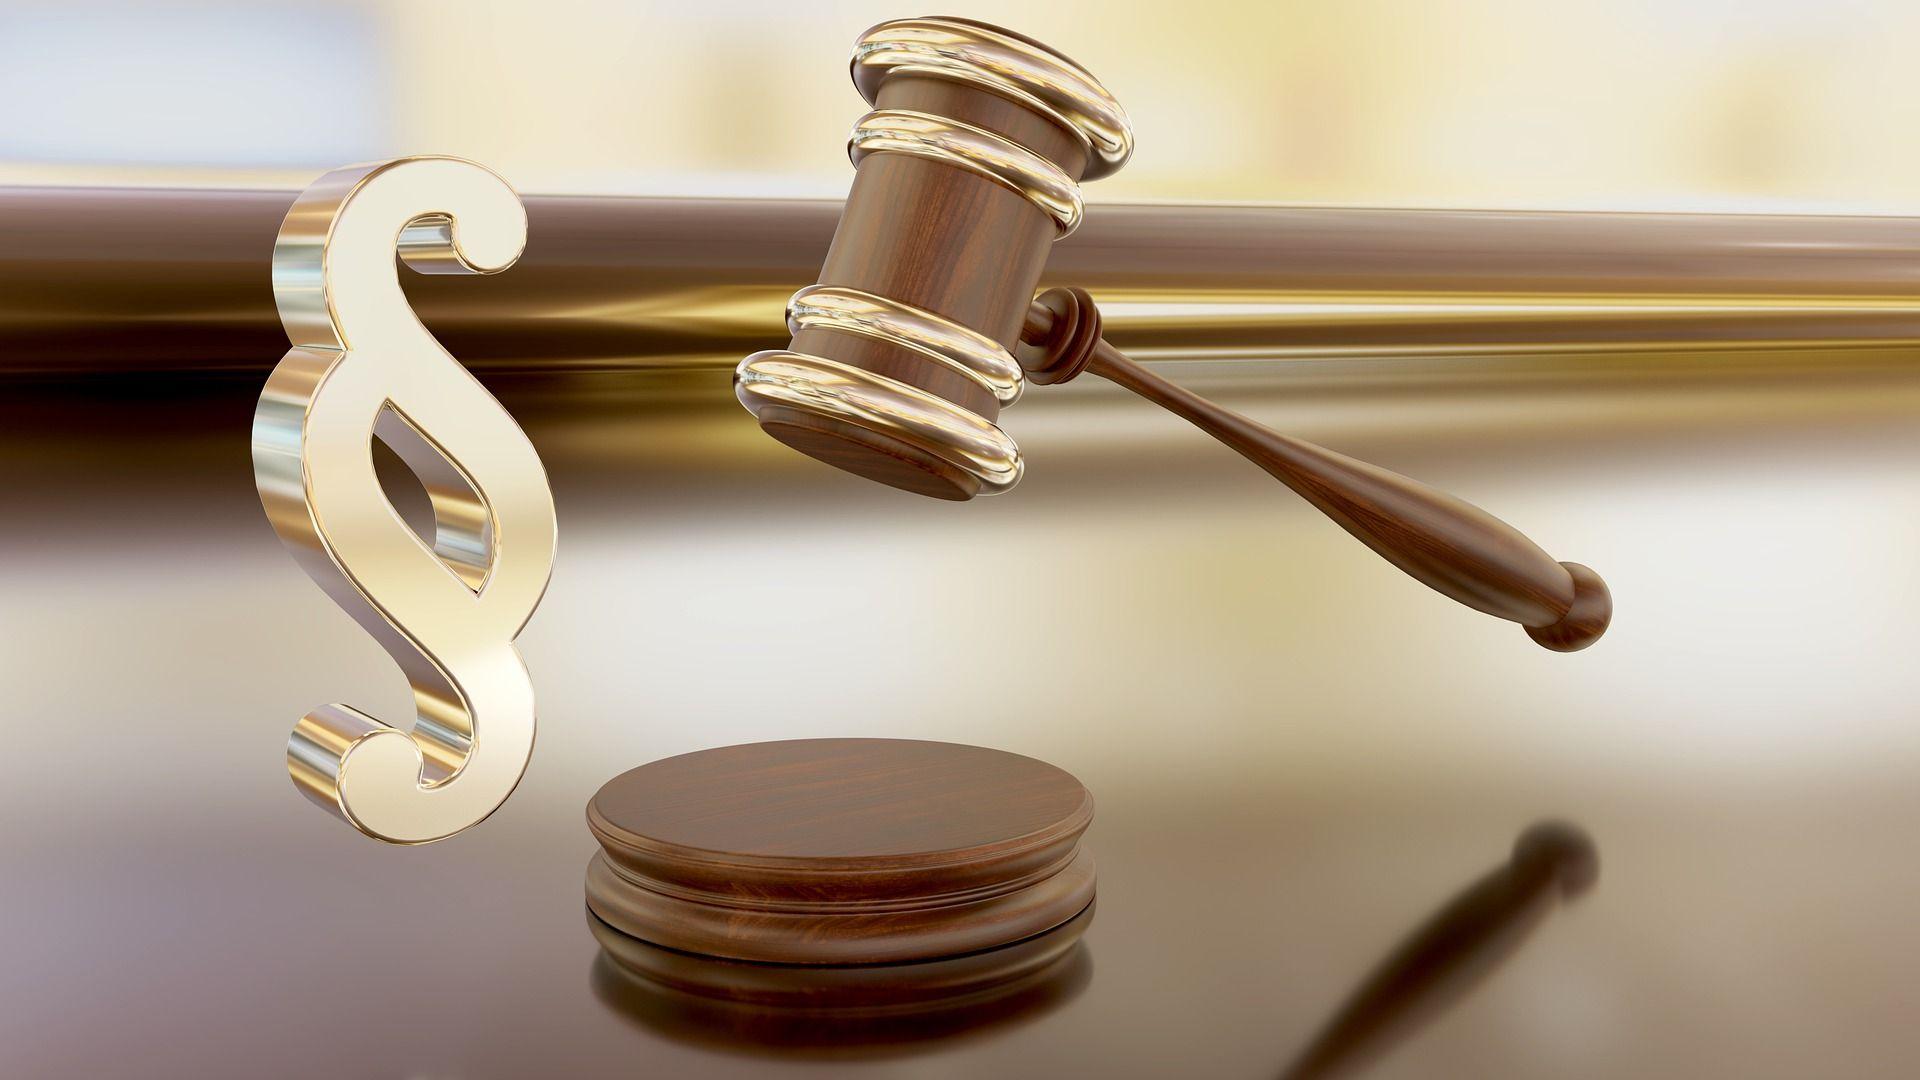 Clanek Osoba Rozhodce V Ceskem Pravnim Radu Attorneys The Secret Good Lawyers